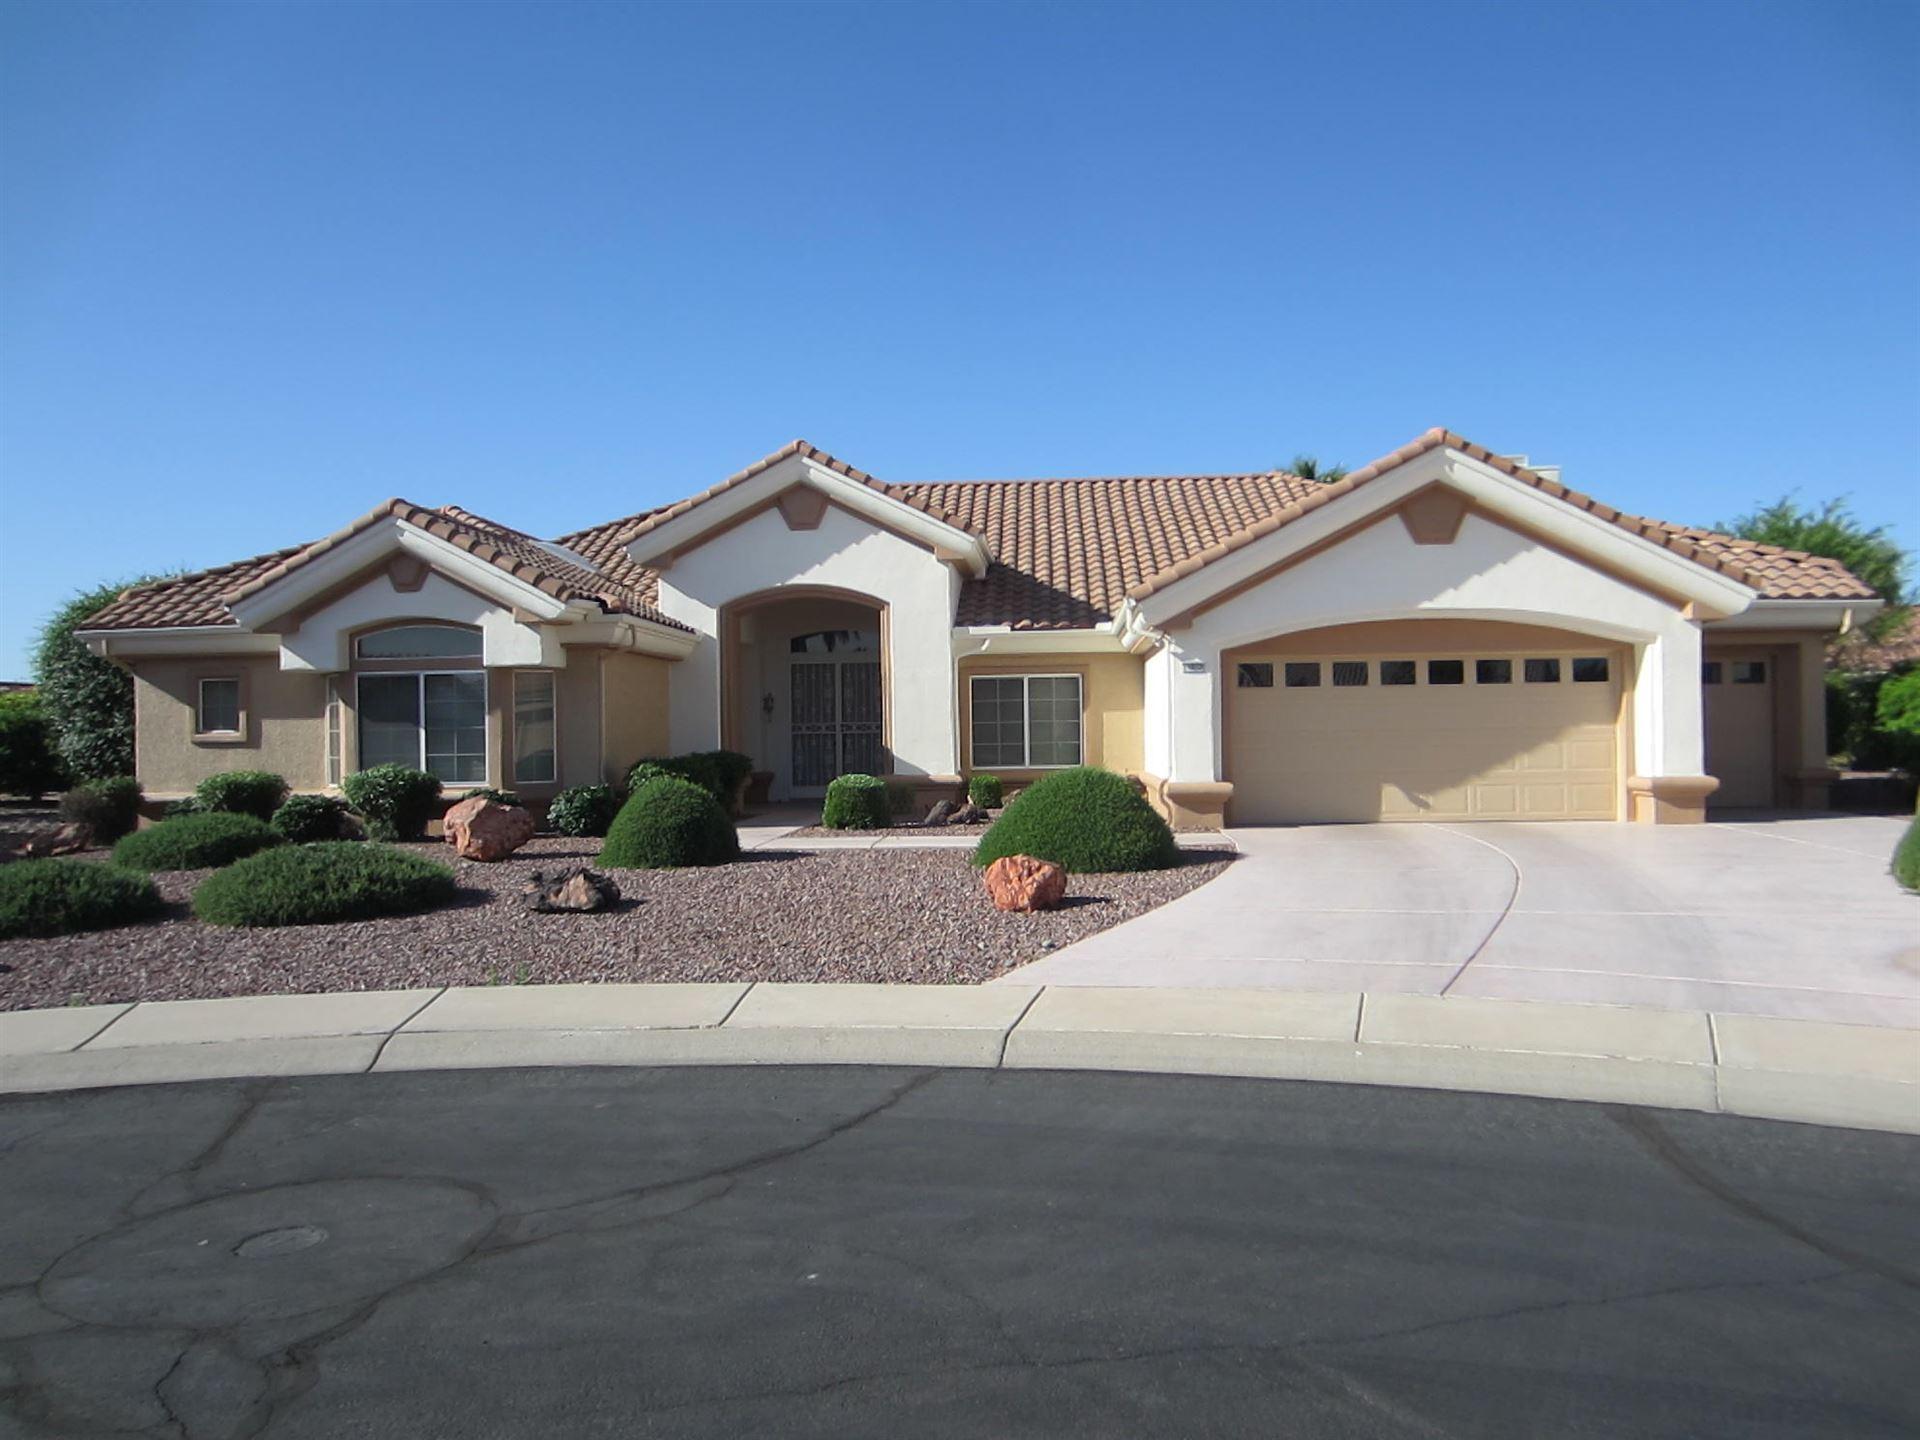 16037 W SENTINEL Drive, Sun City West, AZ 85375 - MLS#: 6224160